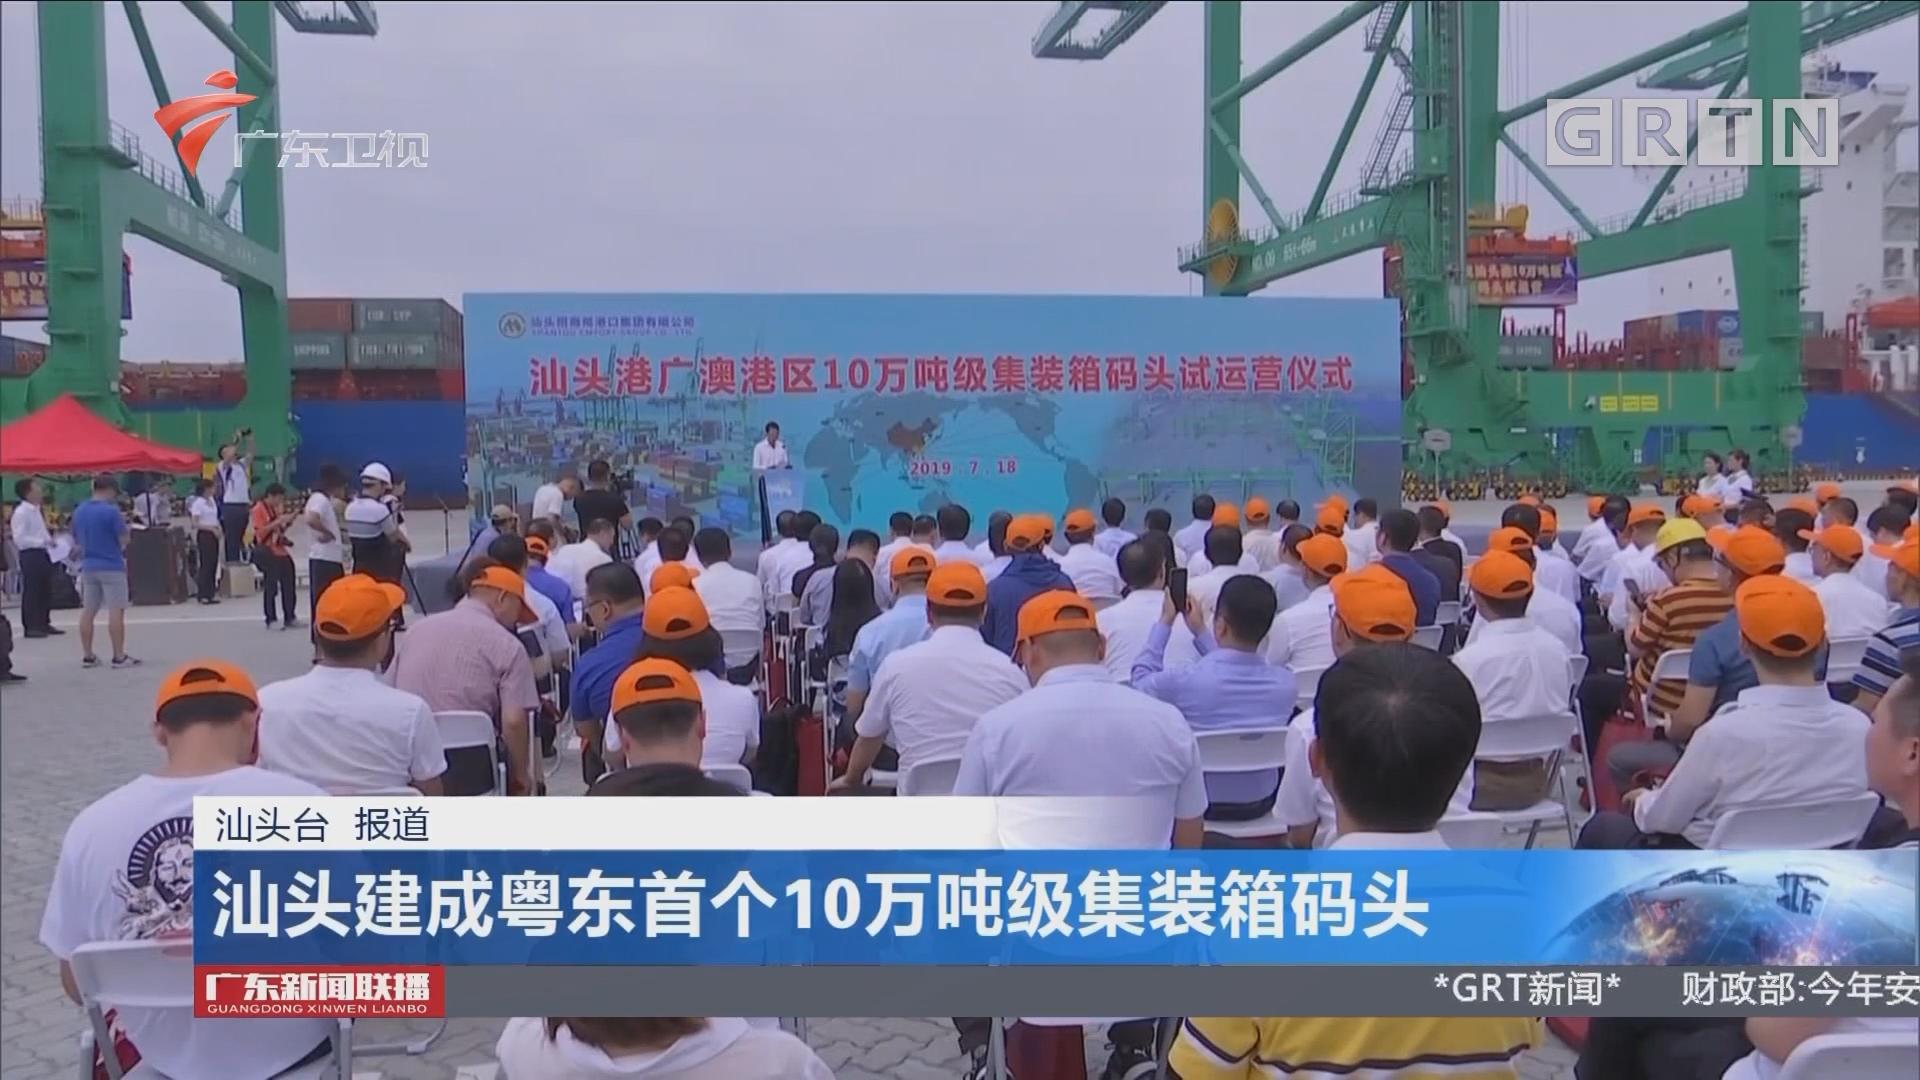 汕头建成粤东首个10万吨级集装箱码头